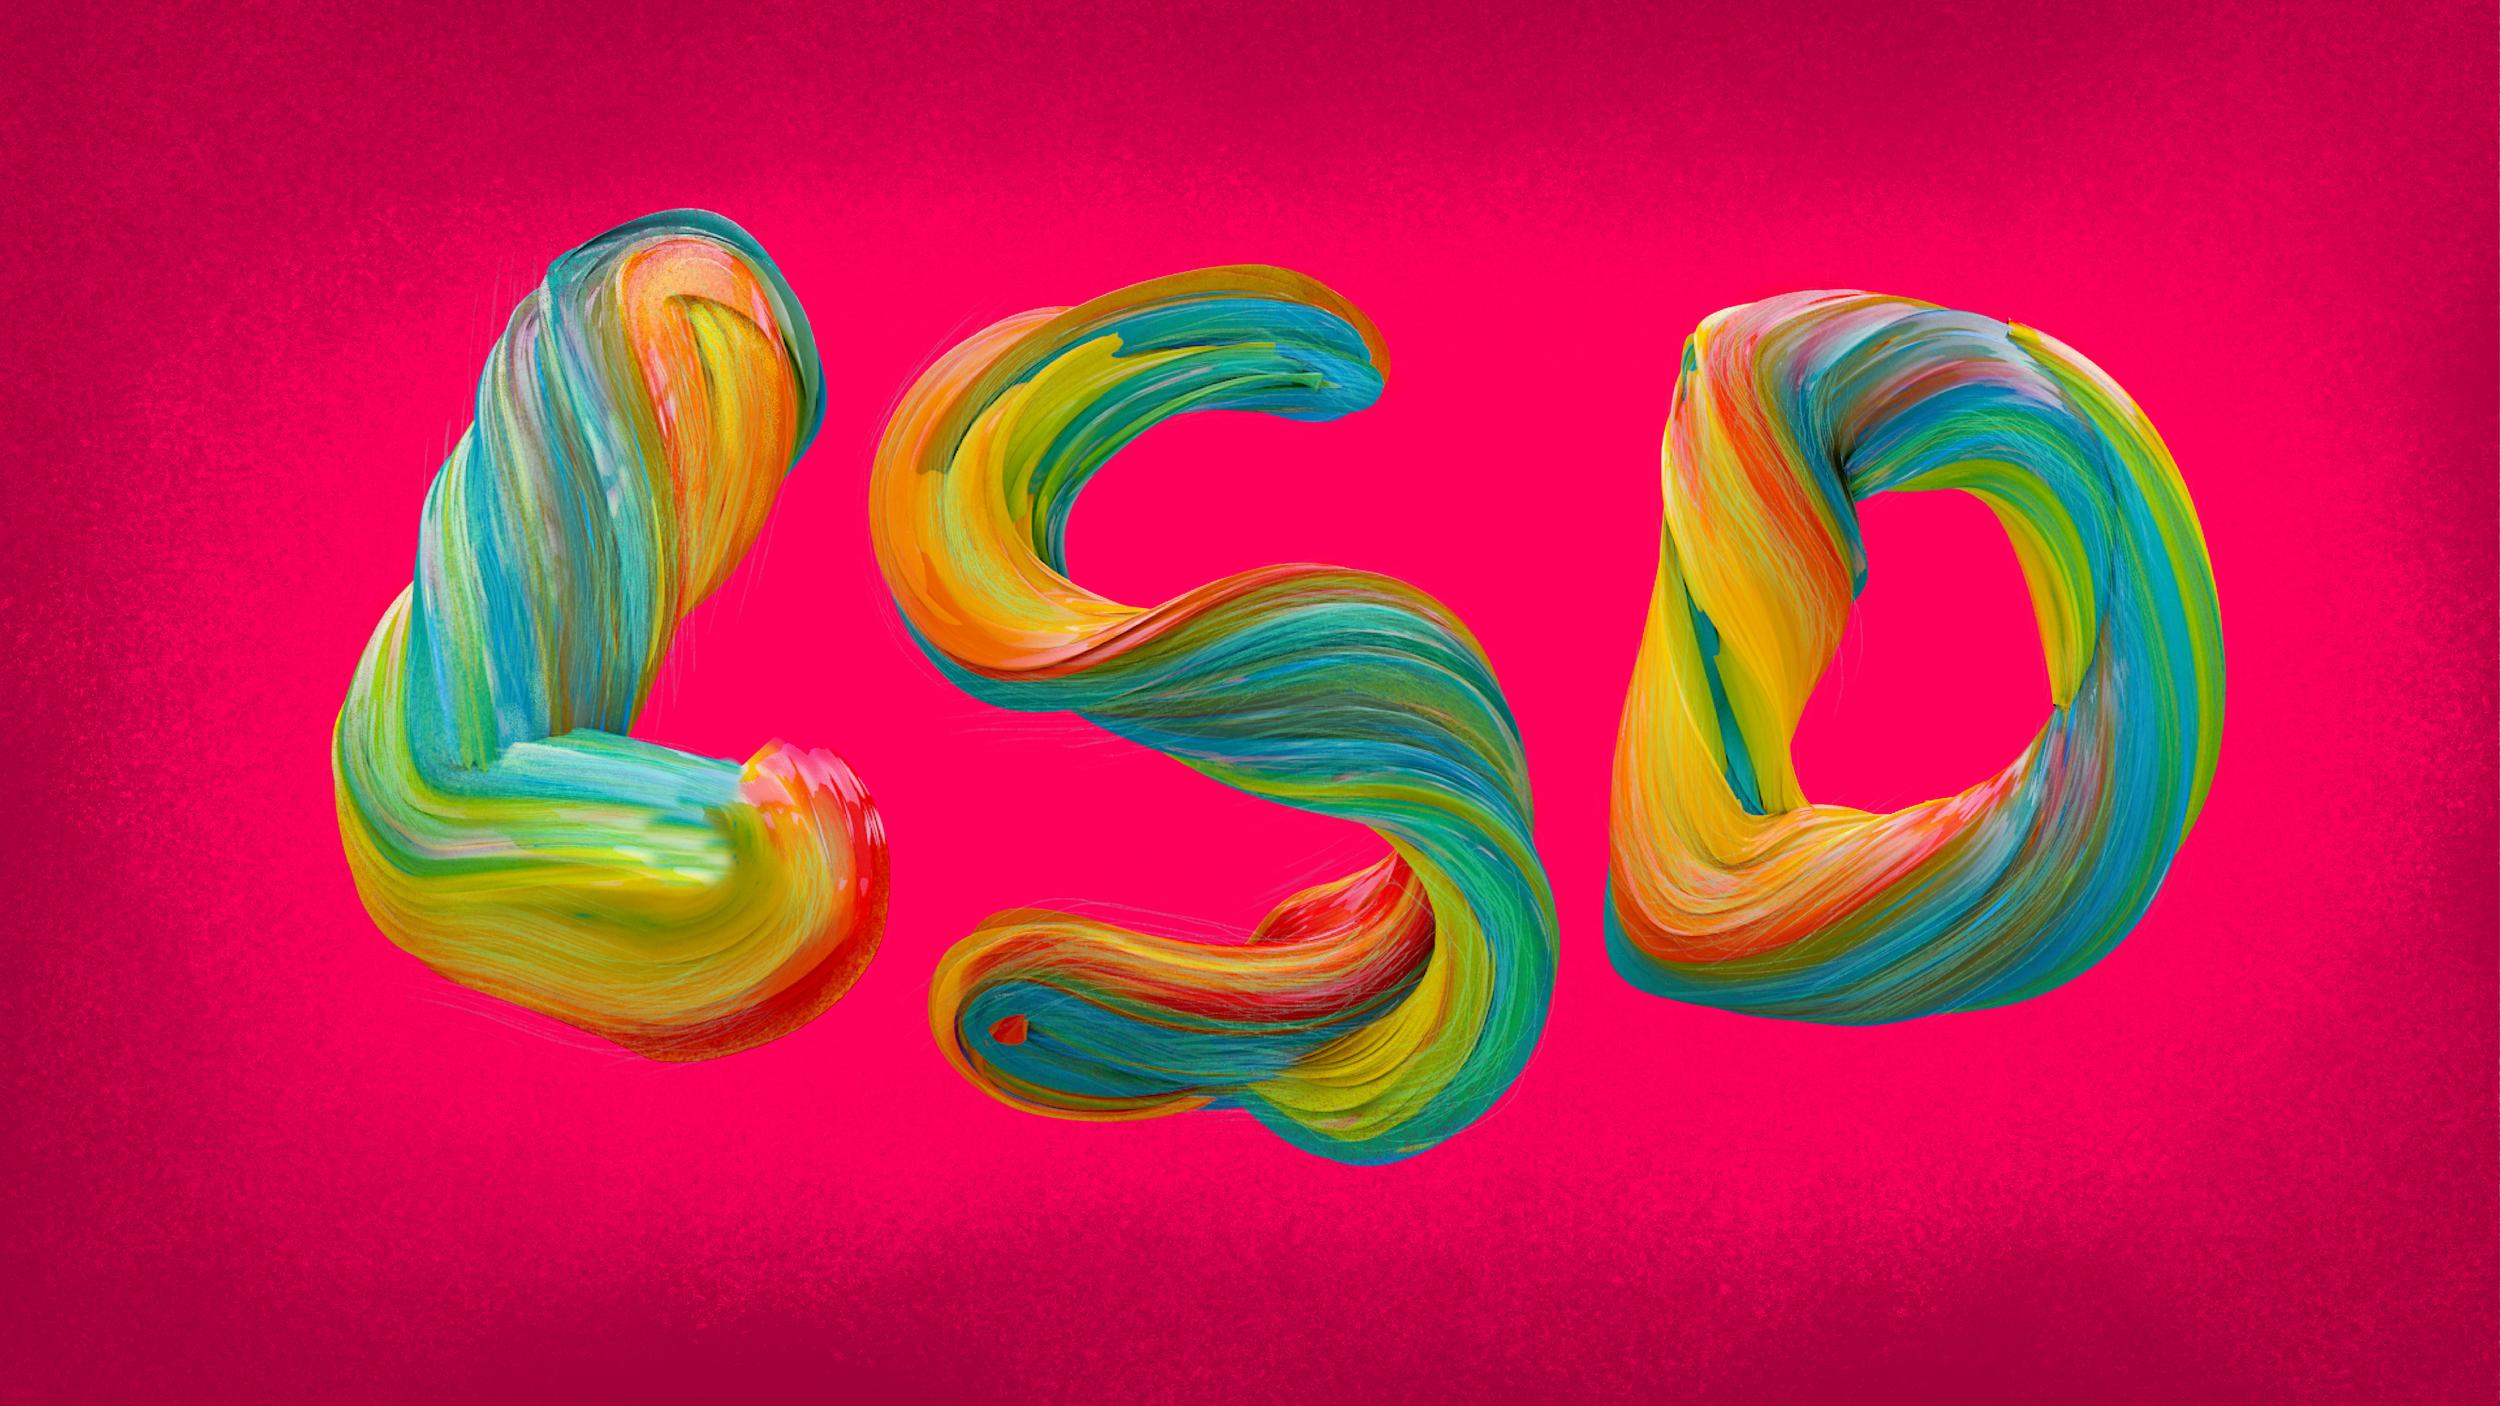 LSD_Painted_Styleframe.jpg